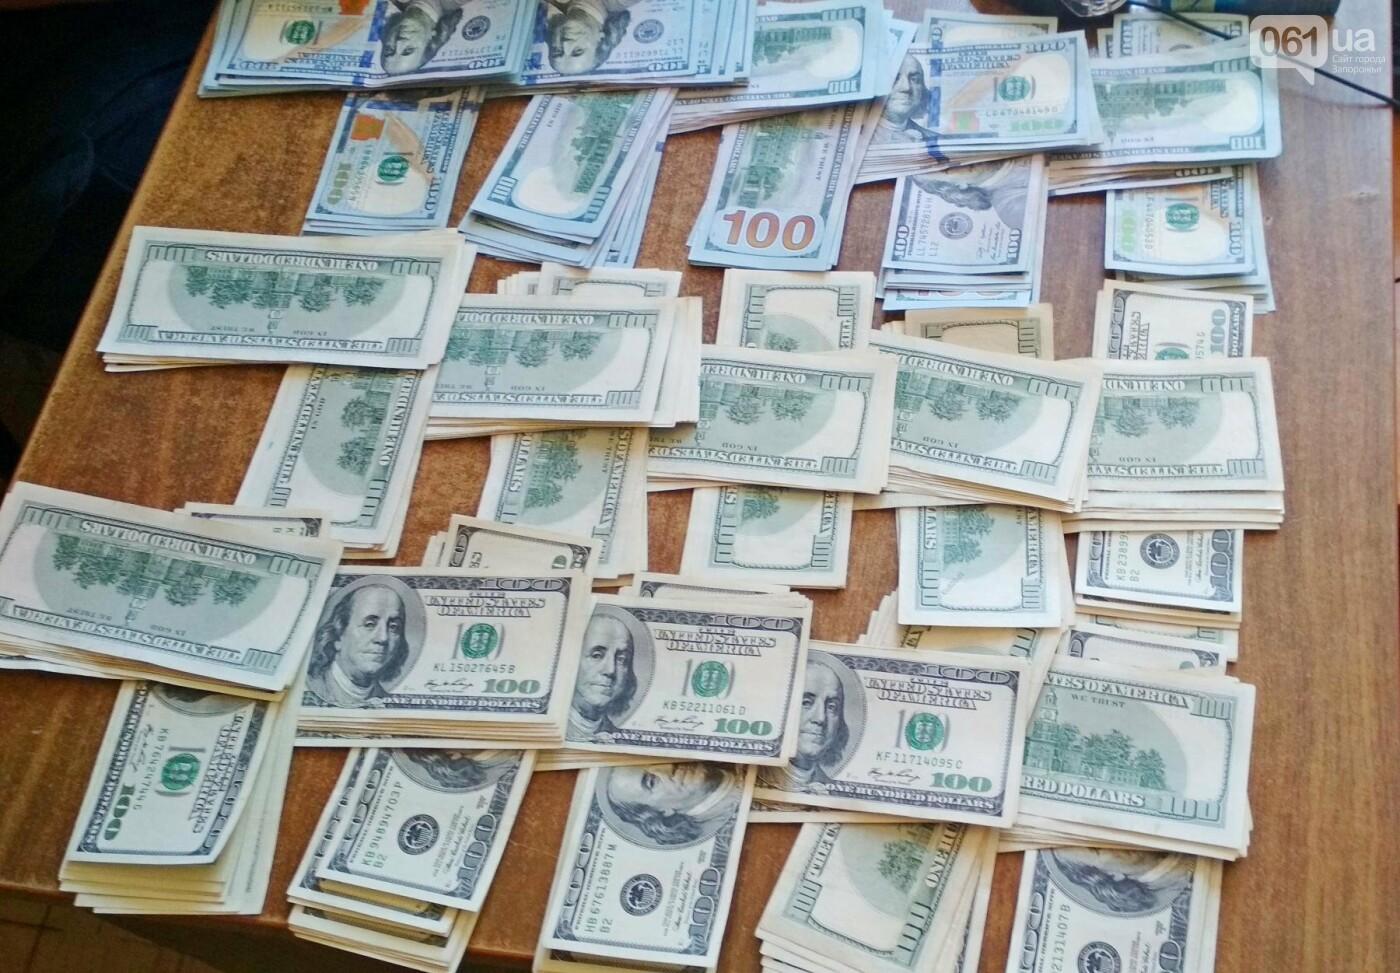 Запорожские таможенники изъяли у турка почти 20 тысяч долларов, фото-2